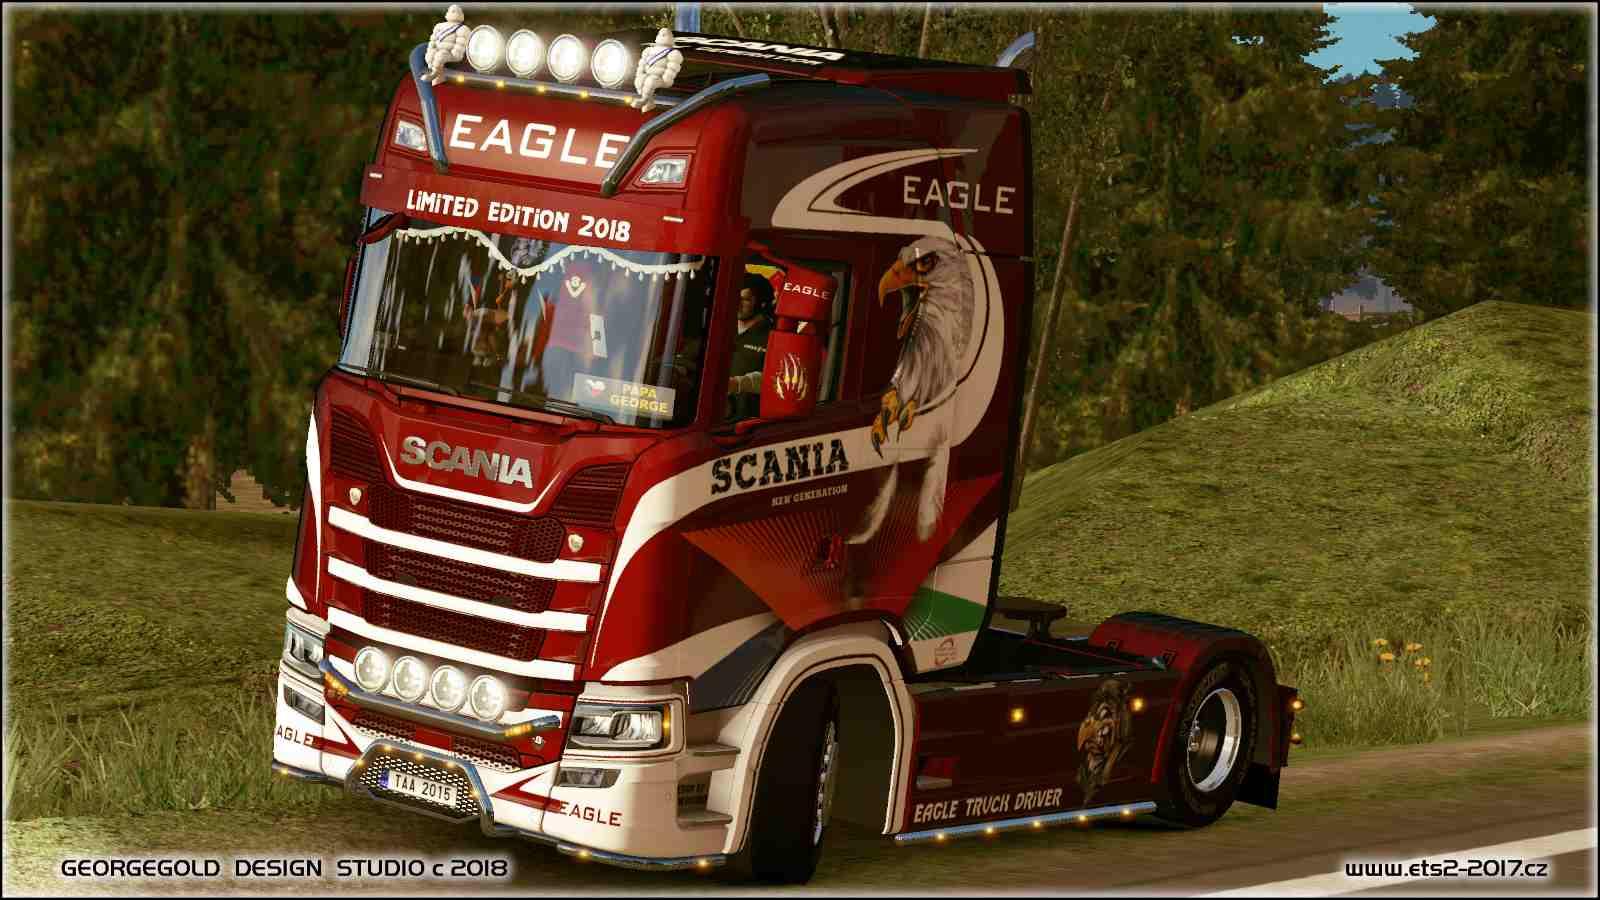 Scania S NG Eagle